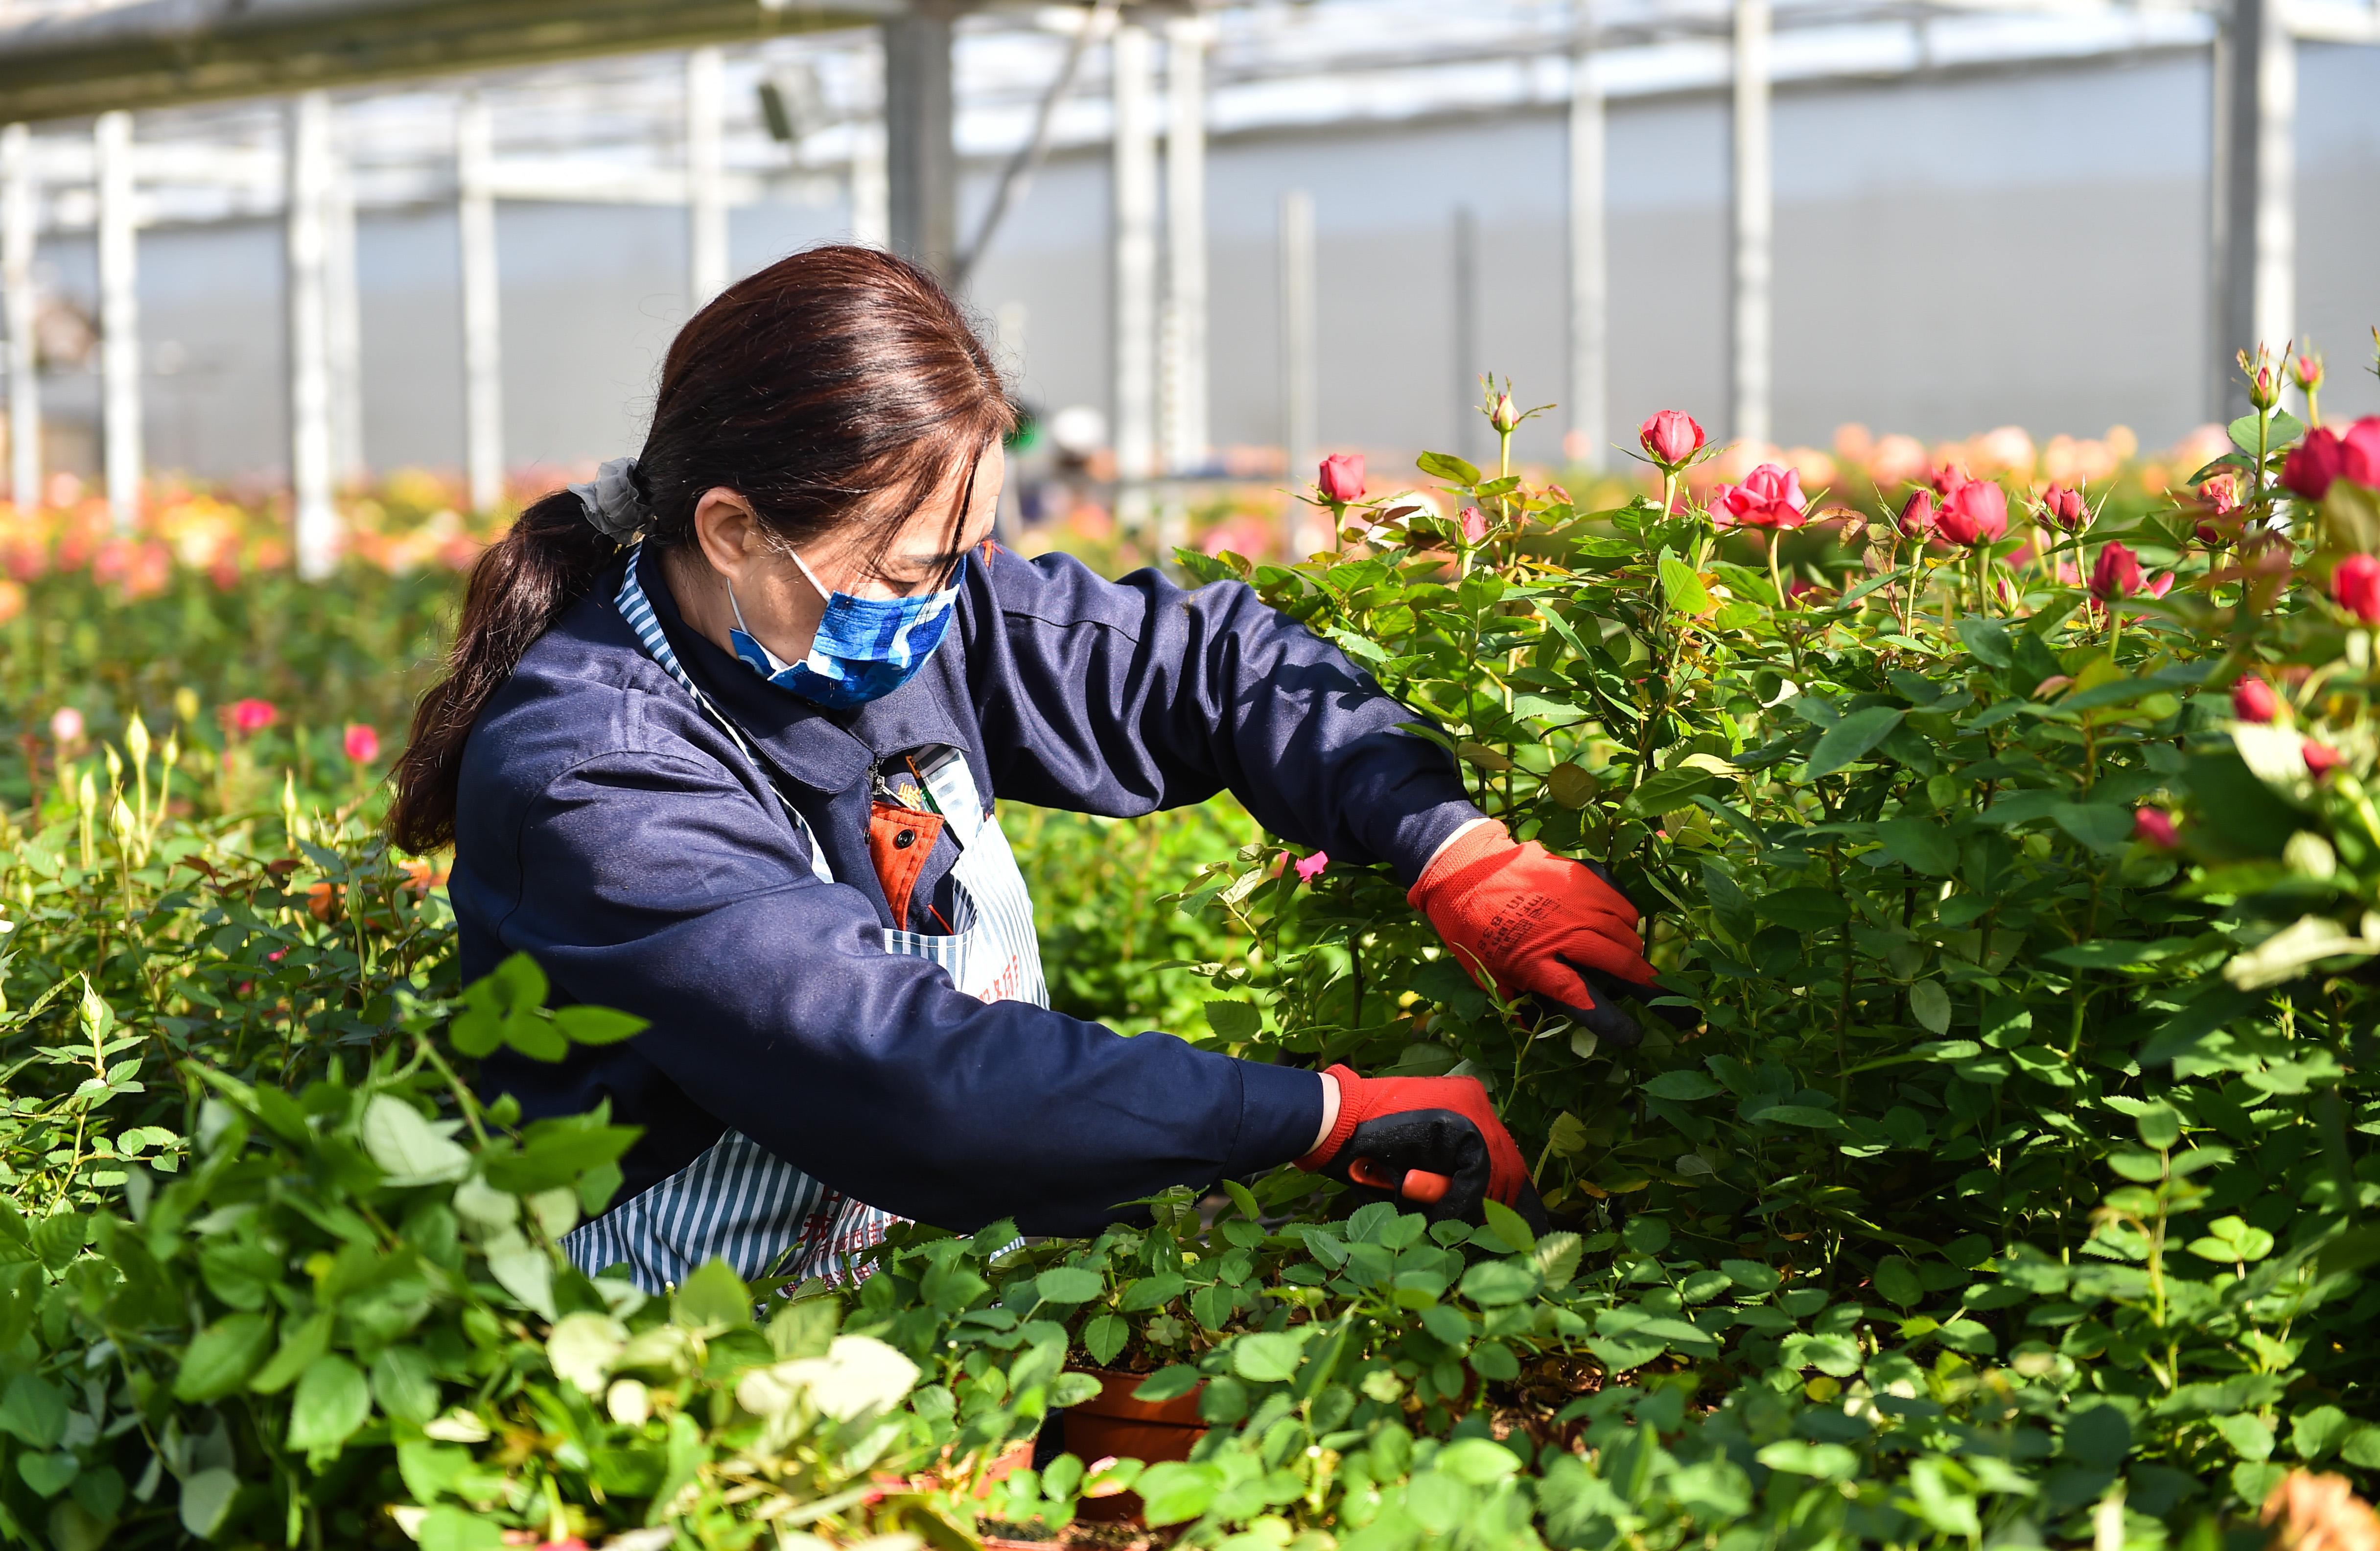 3月14日,在太原市晋源区花卉小镇振华园艺花卉产业园,工作人员给盆栽图片